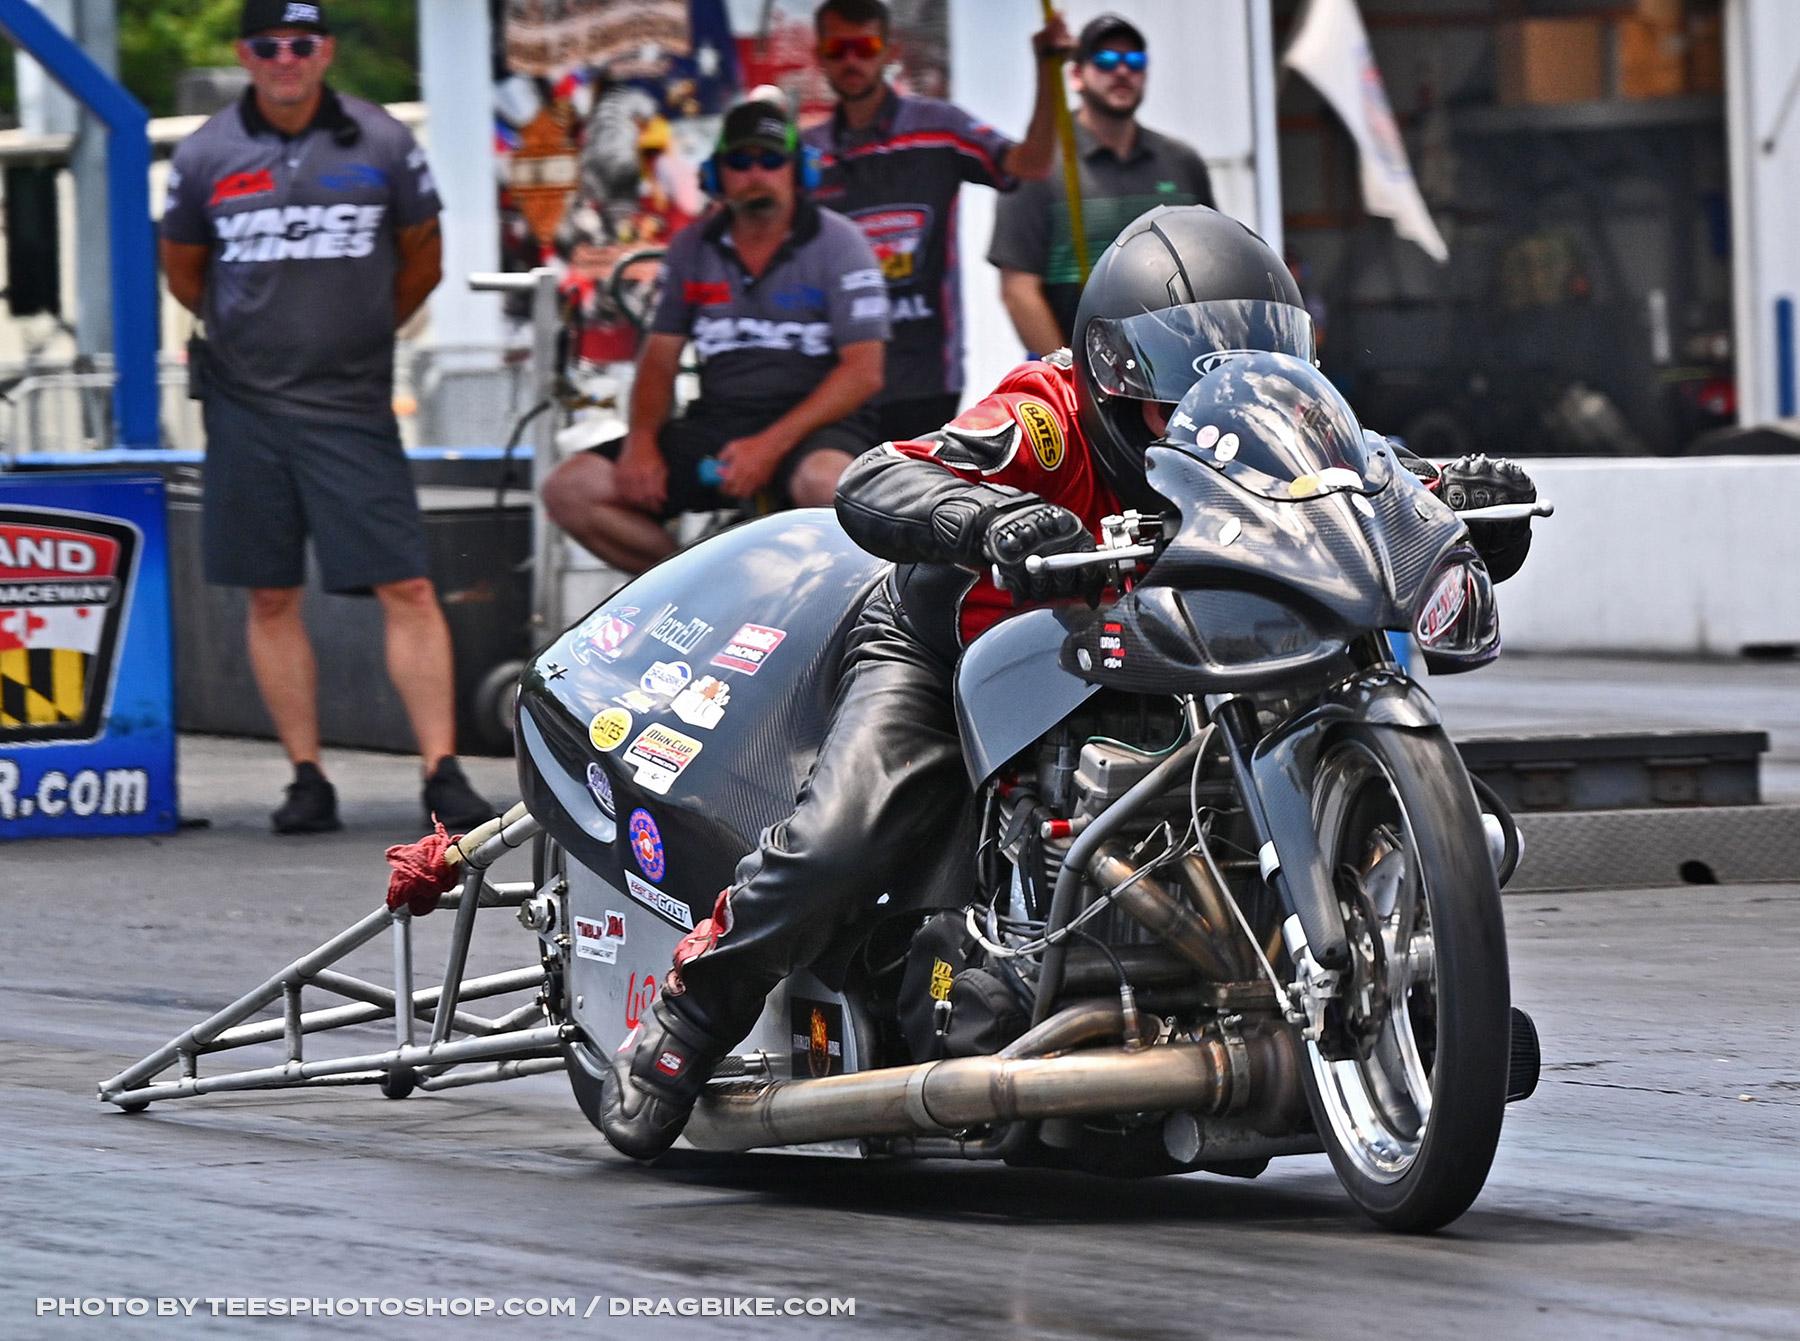 Rob Garcia - 2020 XDA Motorcycle Drag Racing